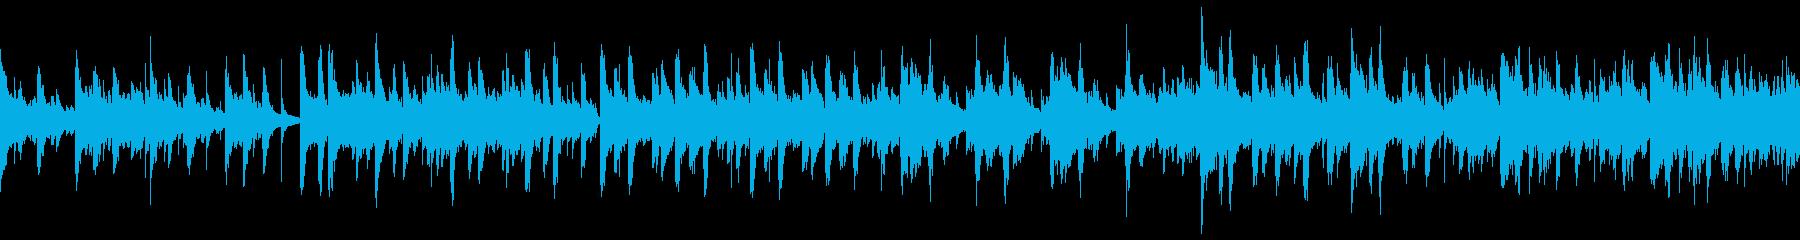 爽やかな雰囲気のポップなBGM(ループ)の再生済みの波形